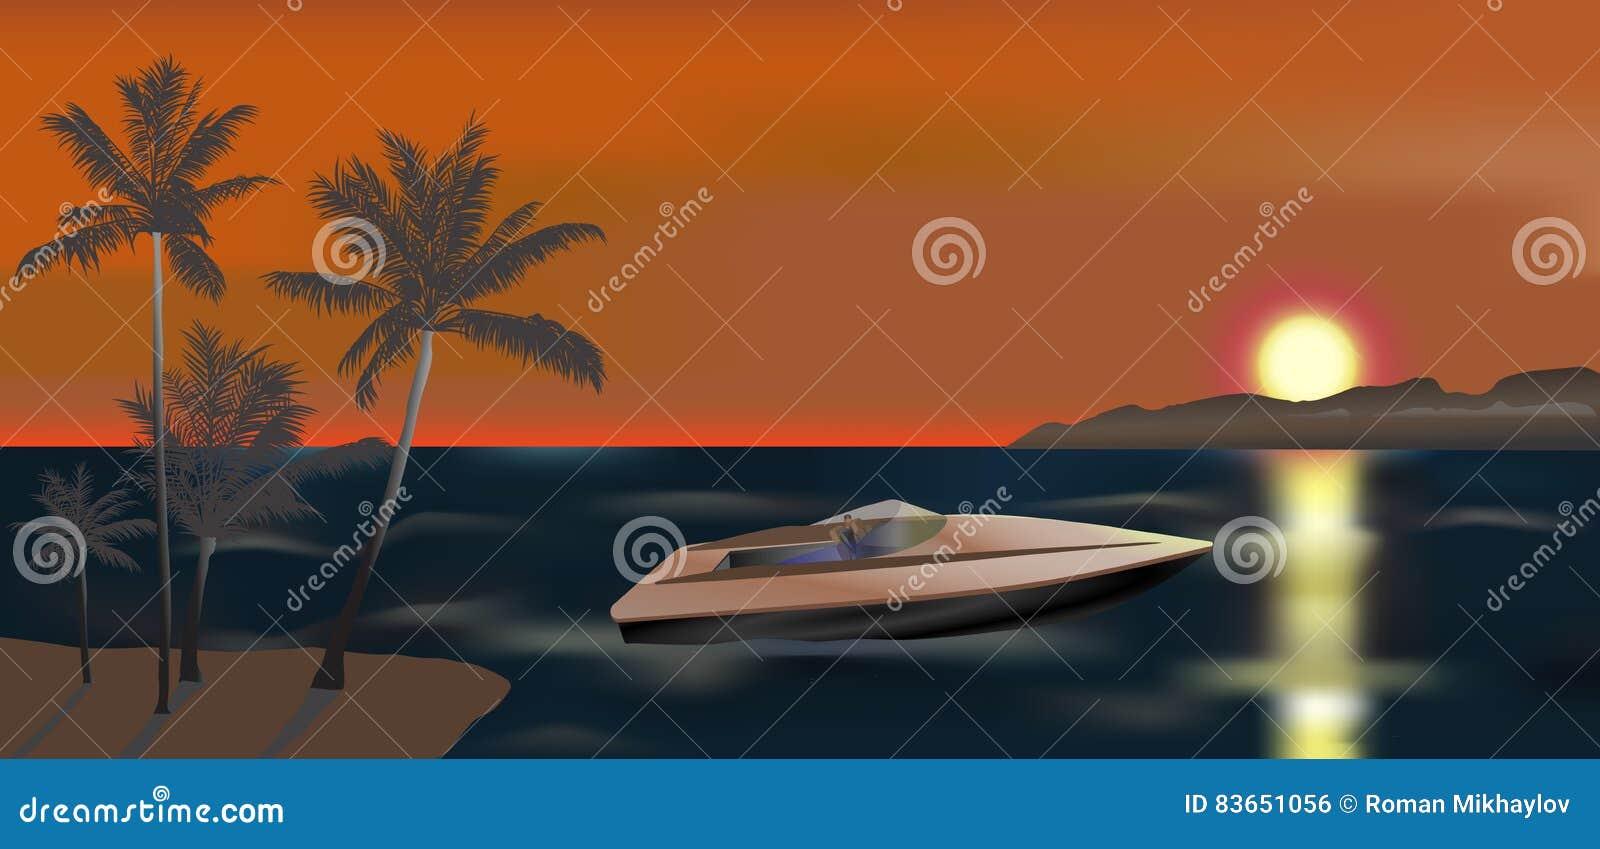 Powerboat- och solnedgångillustration